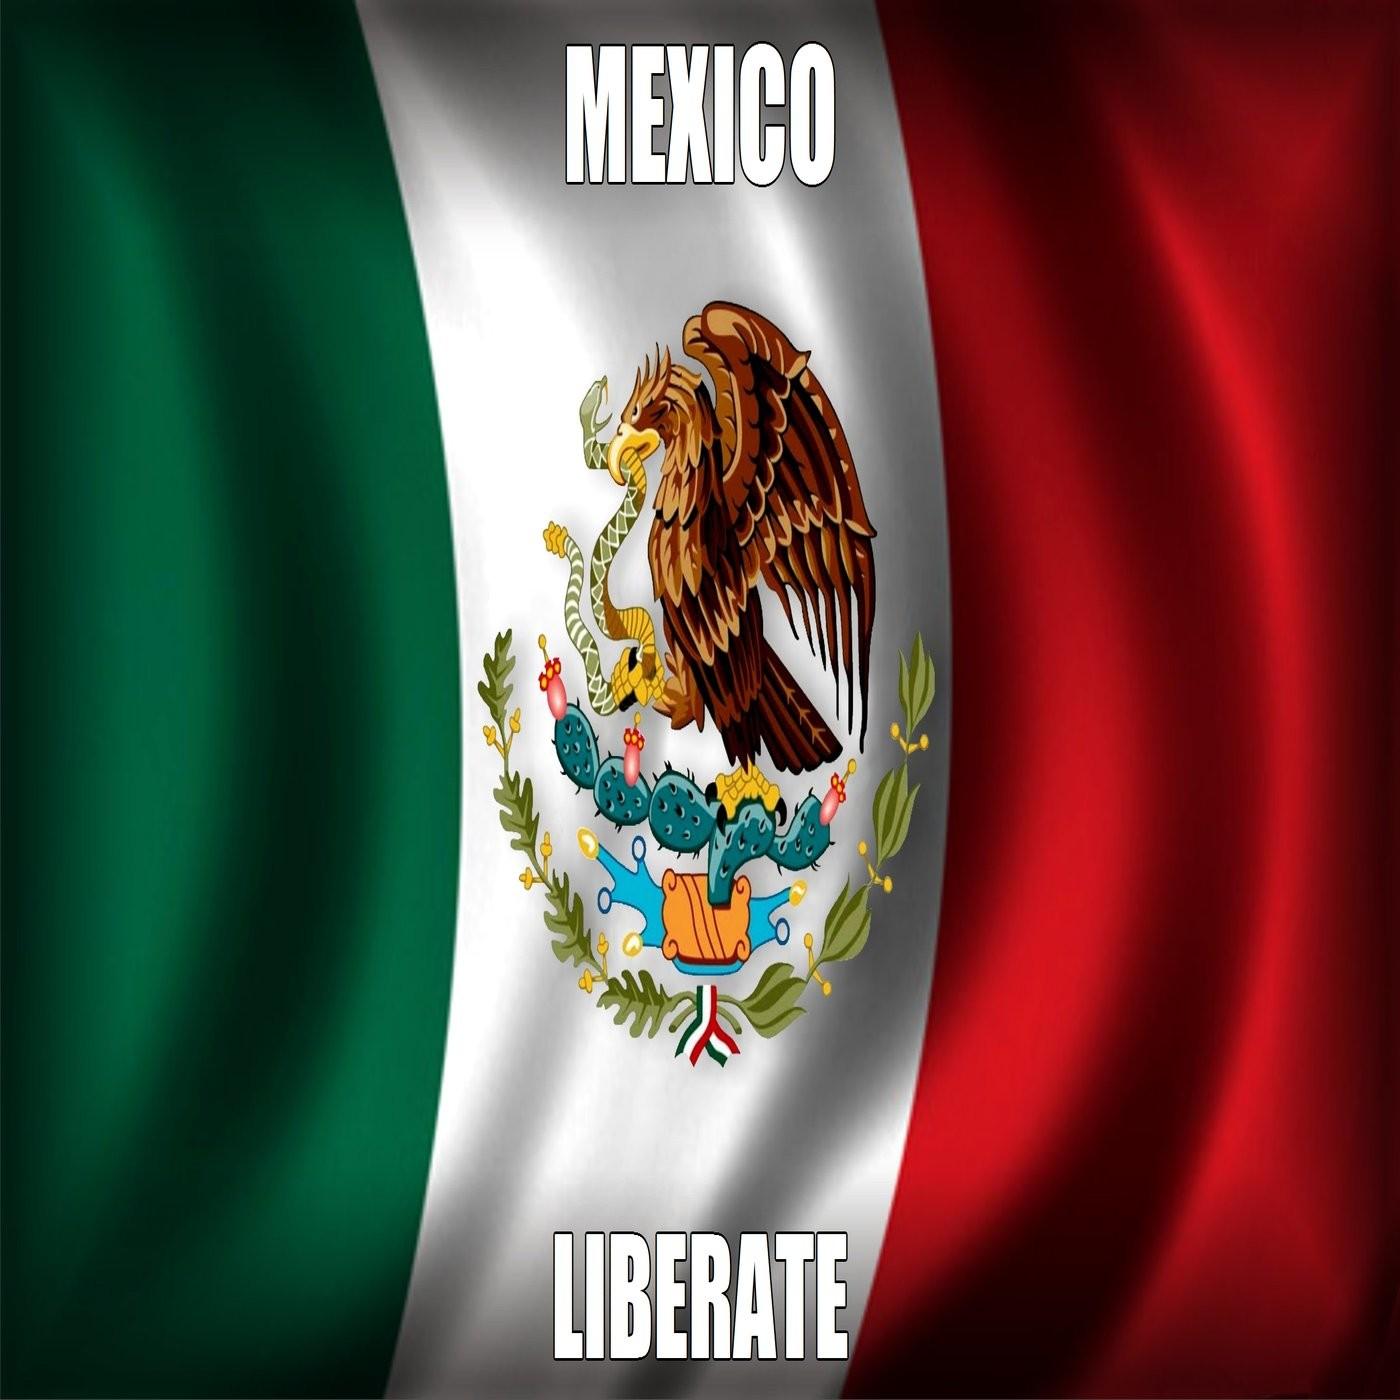 <![CDATA[Mexico Liberate]]>